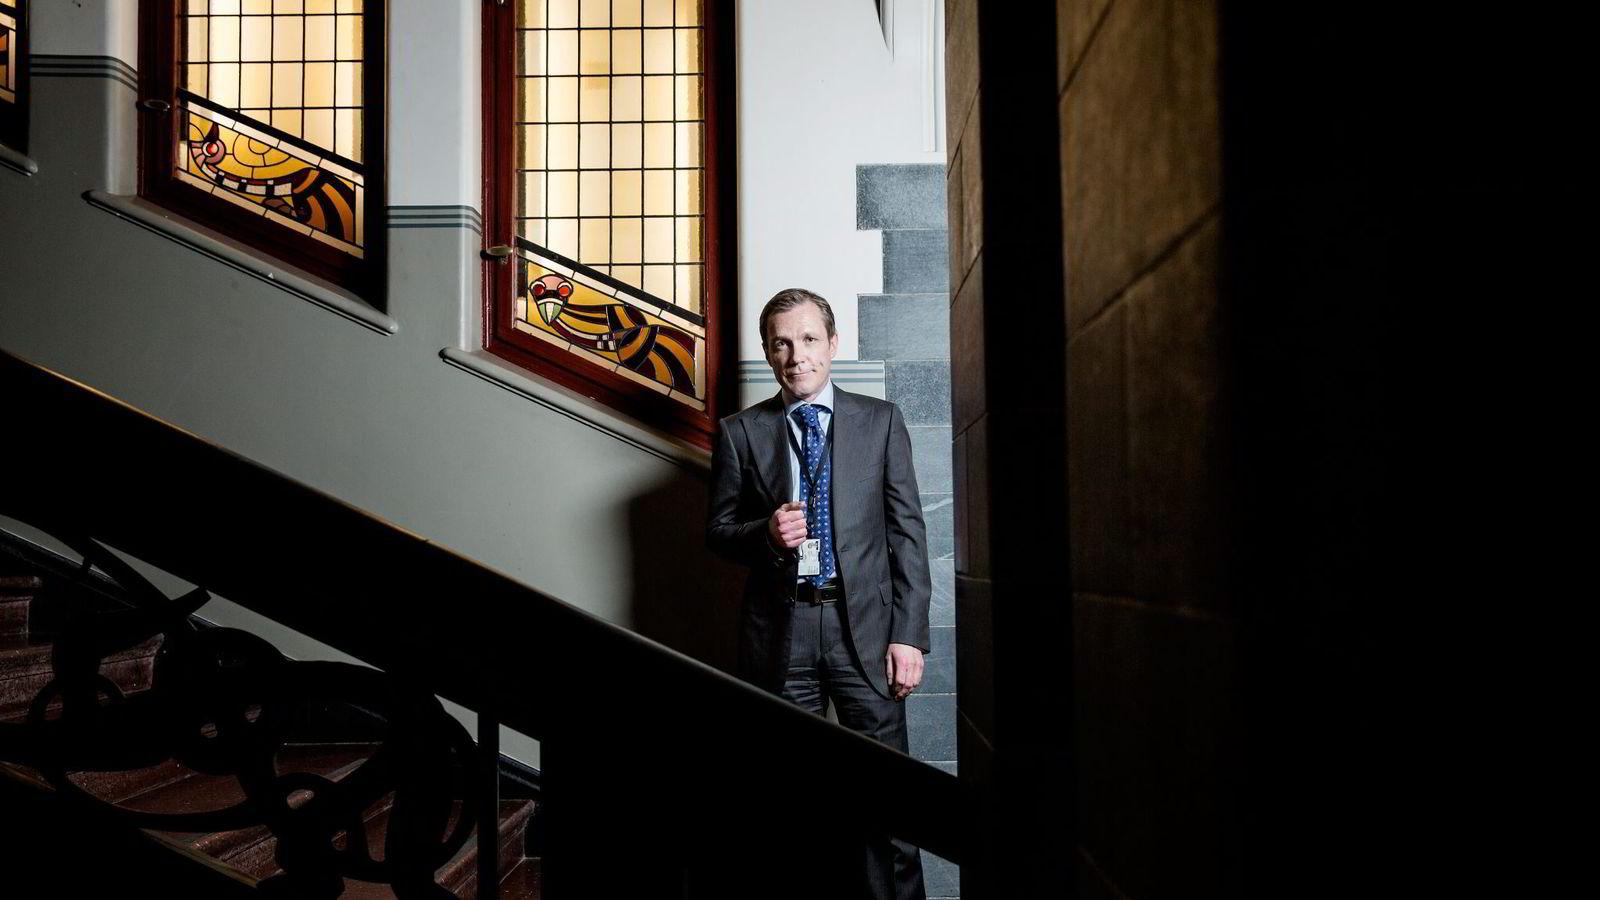 Statssekretær Paal Bjørnestads parti, Frp, var opprinnelig imot å la Oljefondet gå ut av tobakk.                Foto: Fredrik Bjerknes